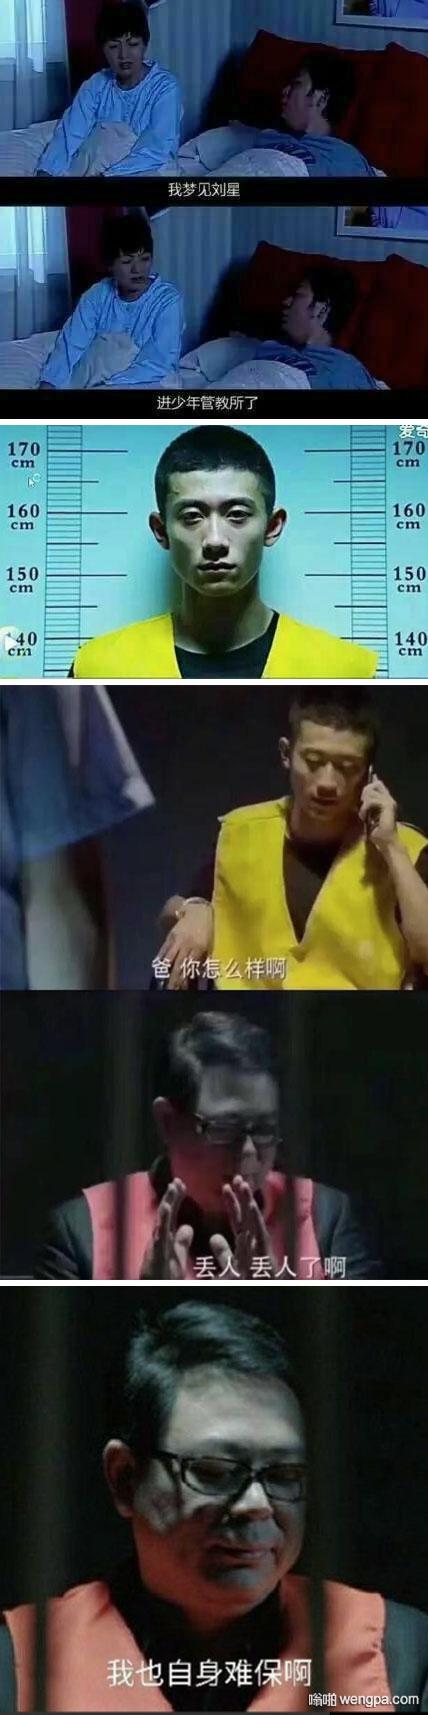 [搞笑图片]家有儿女之刘梅的梦 张一山 余罪 家有儿女 - 嗡啪网